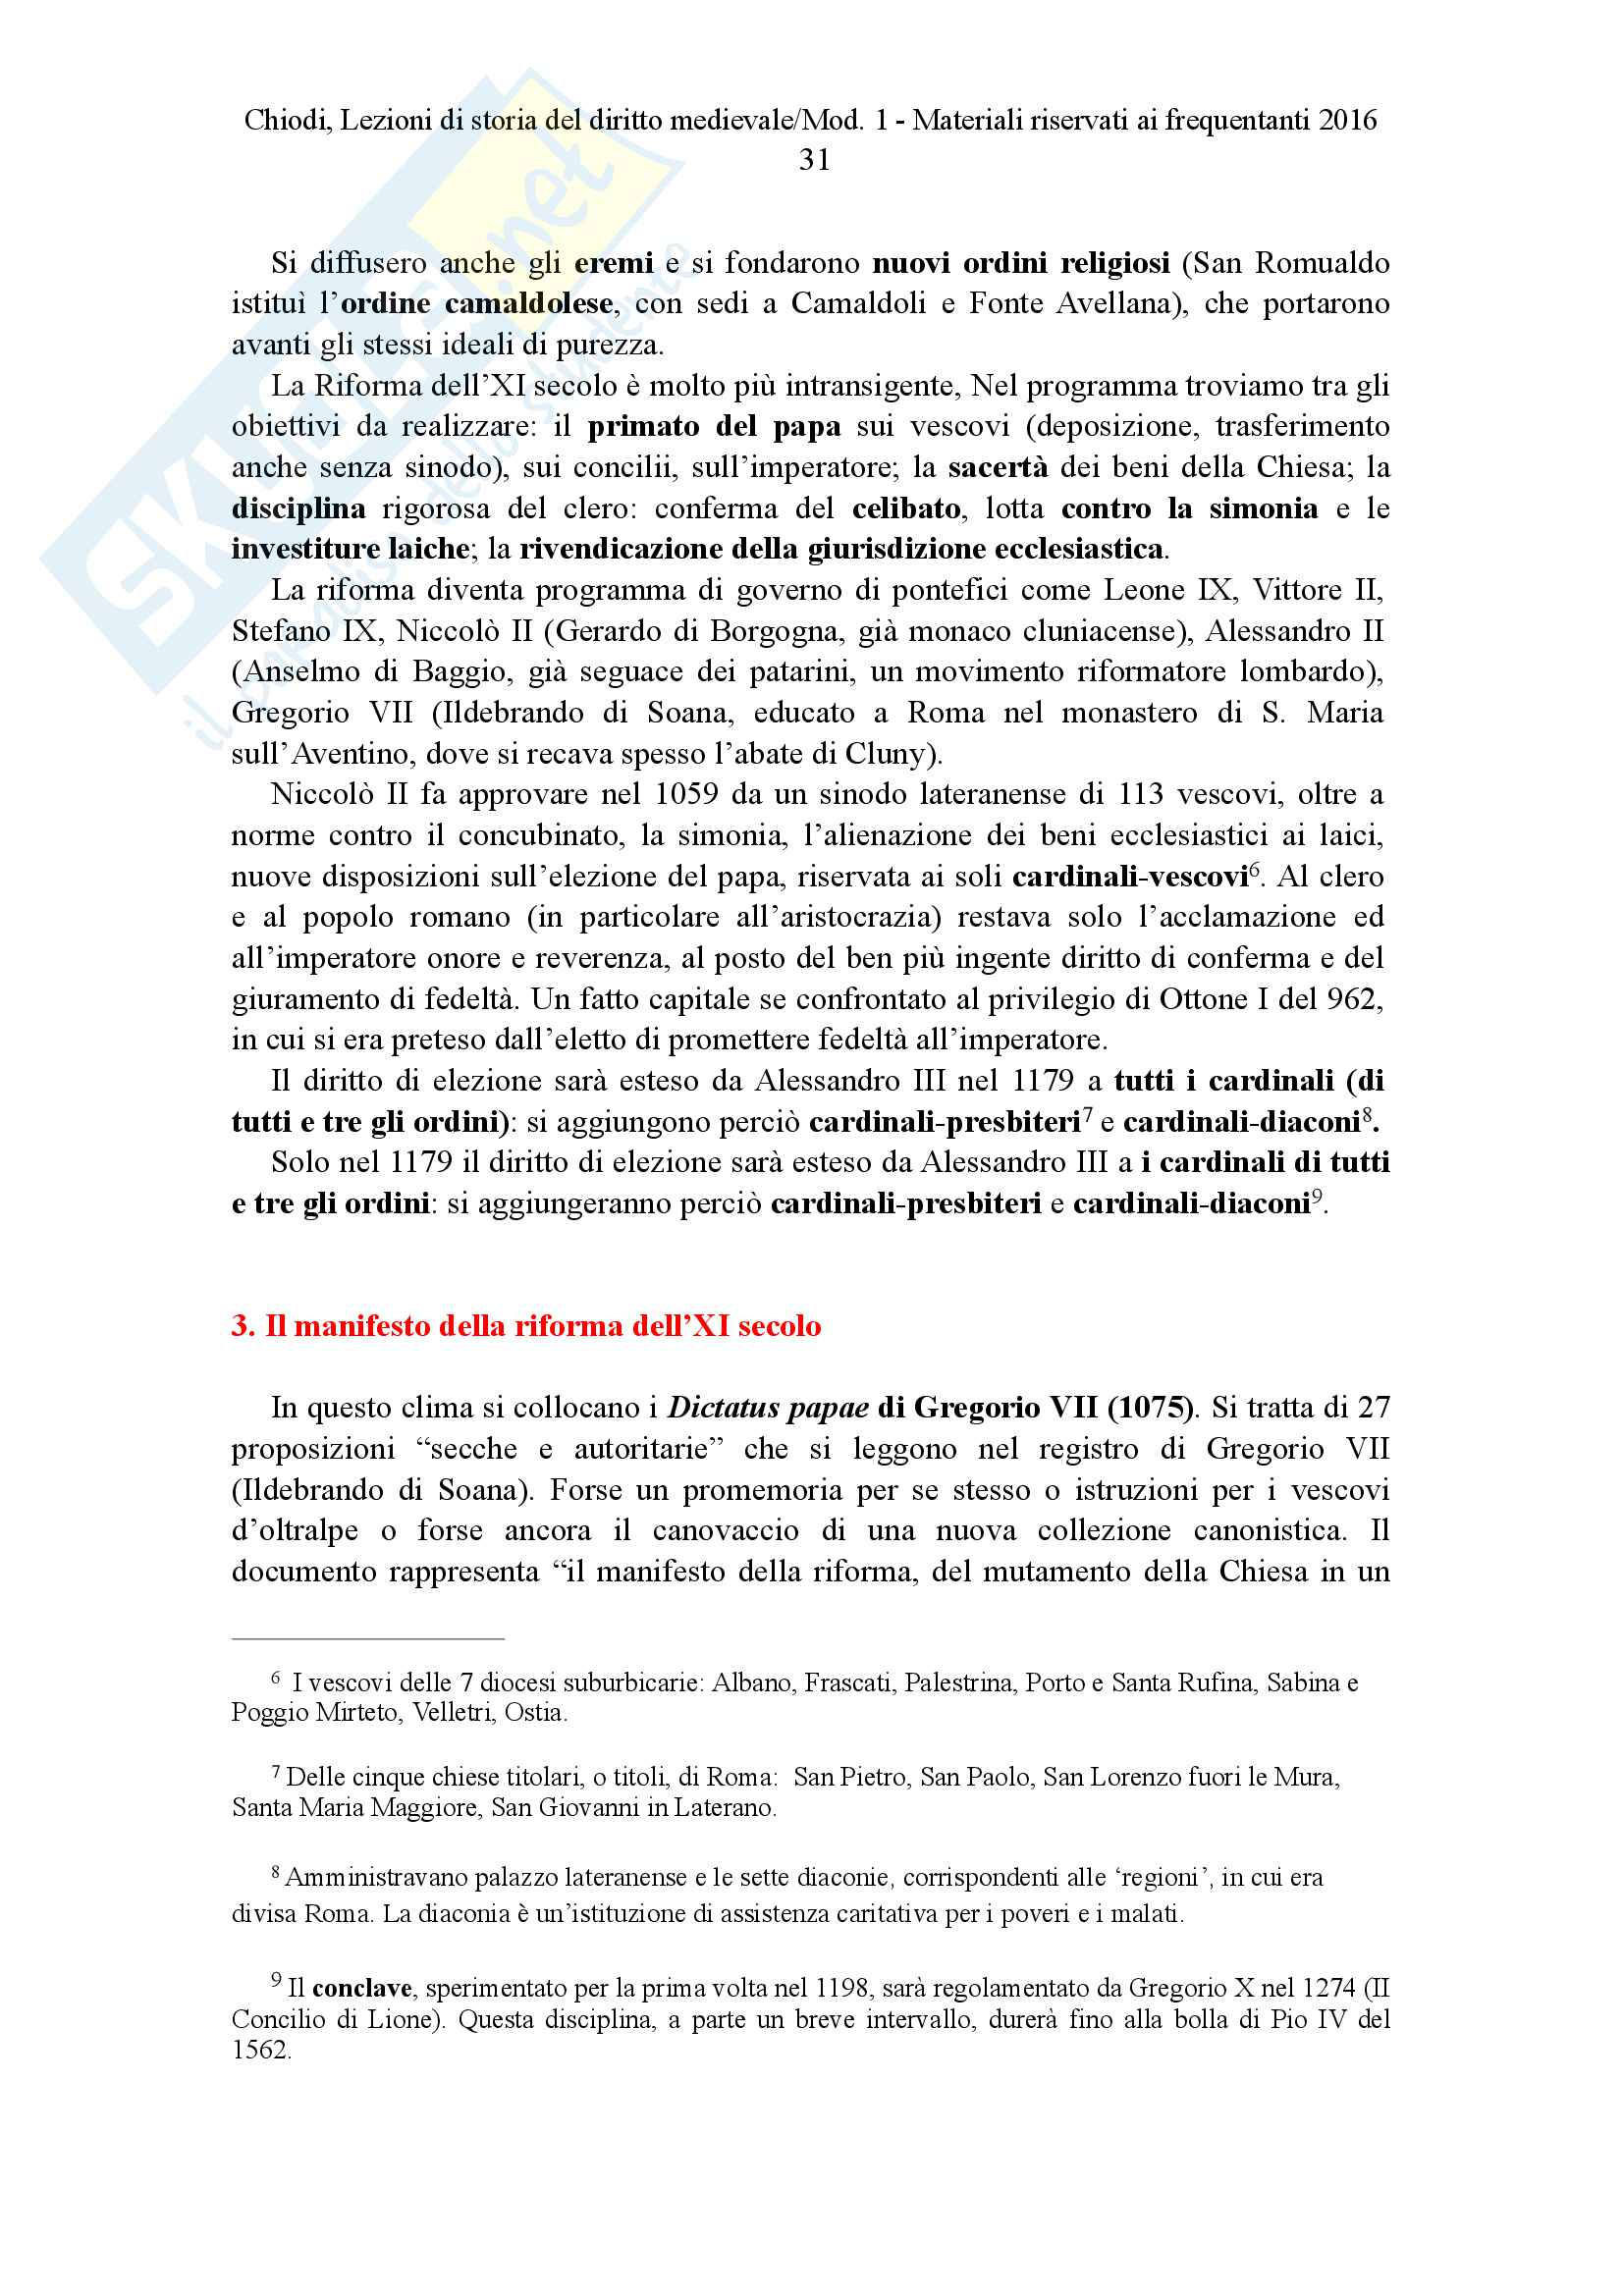 Storia del diritto medievale e moderno parte 1 Pag. 31